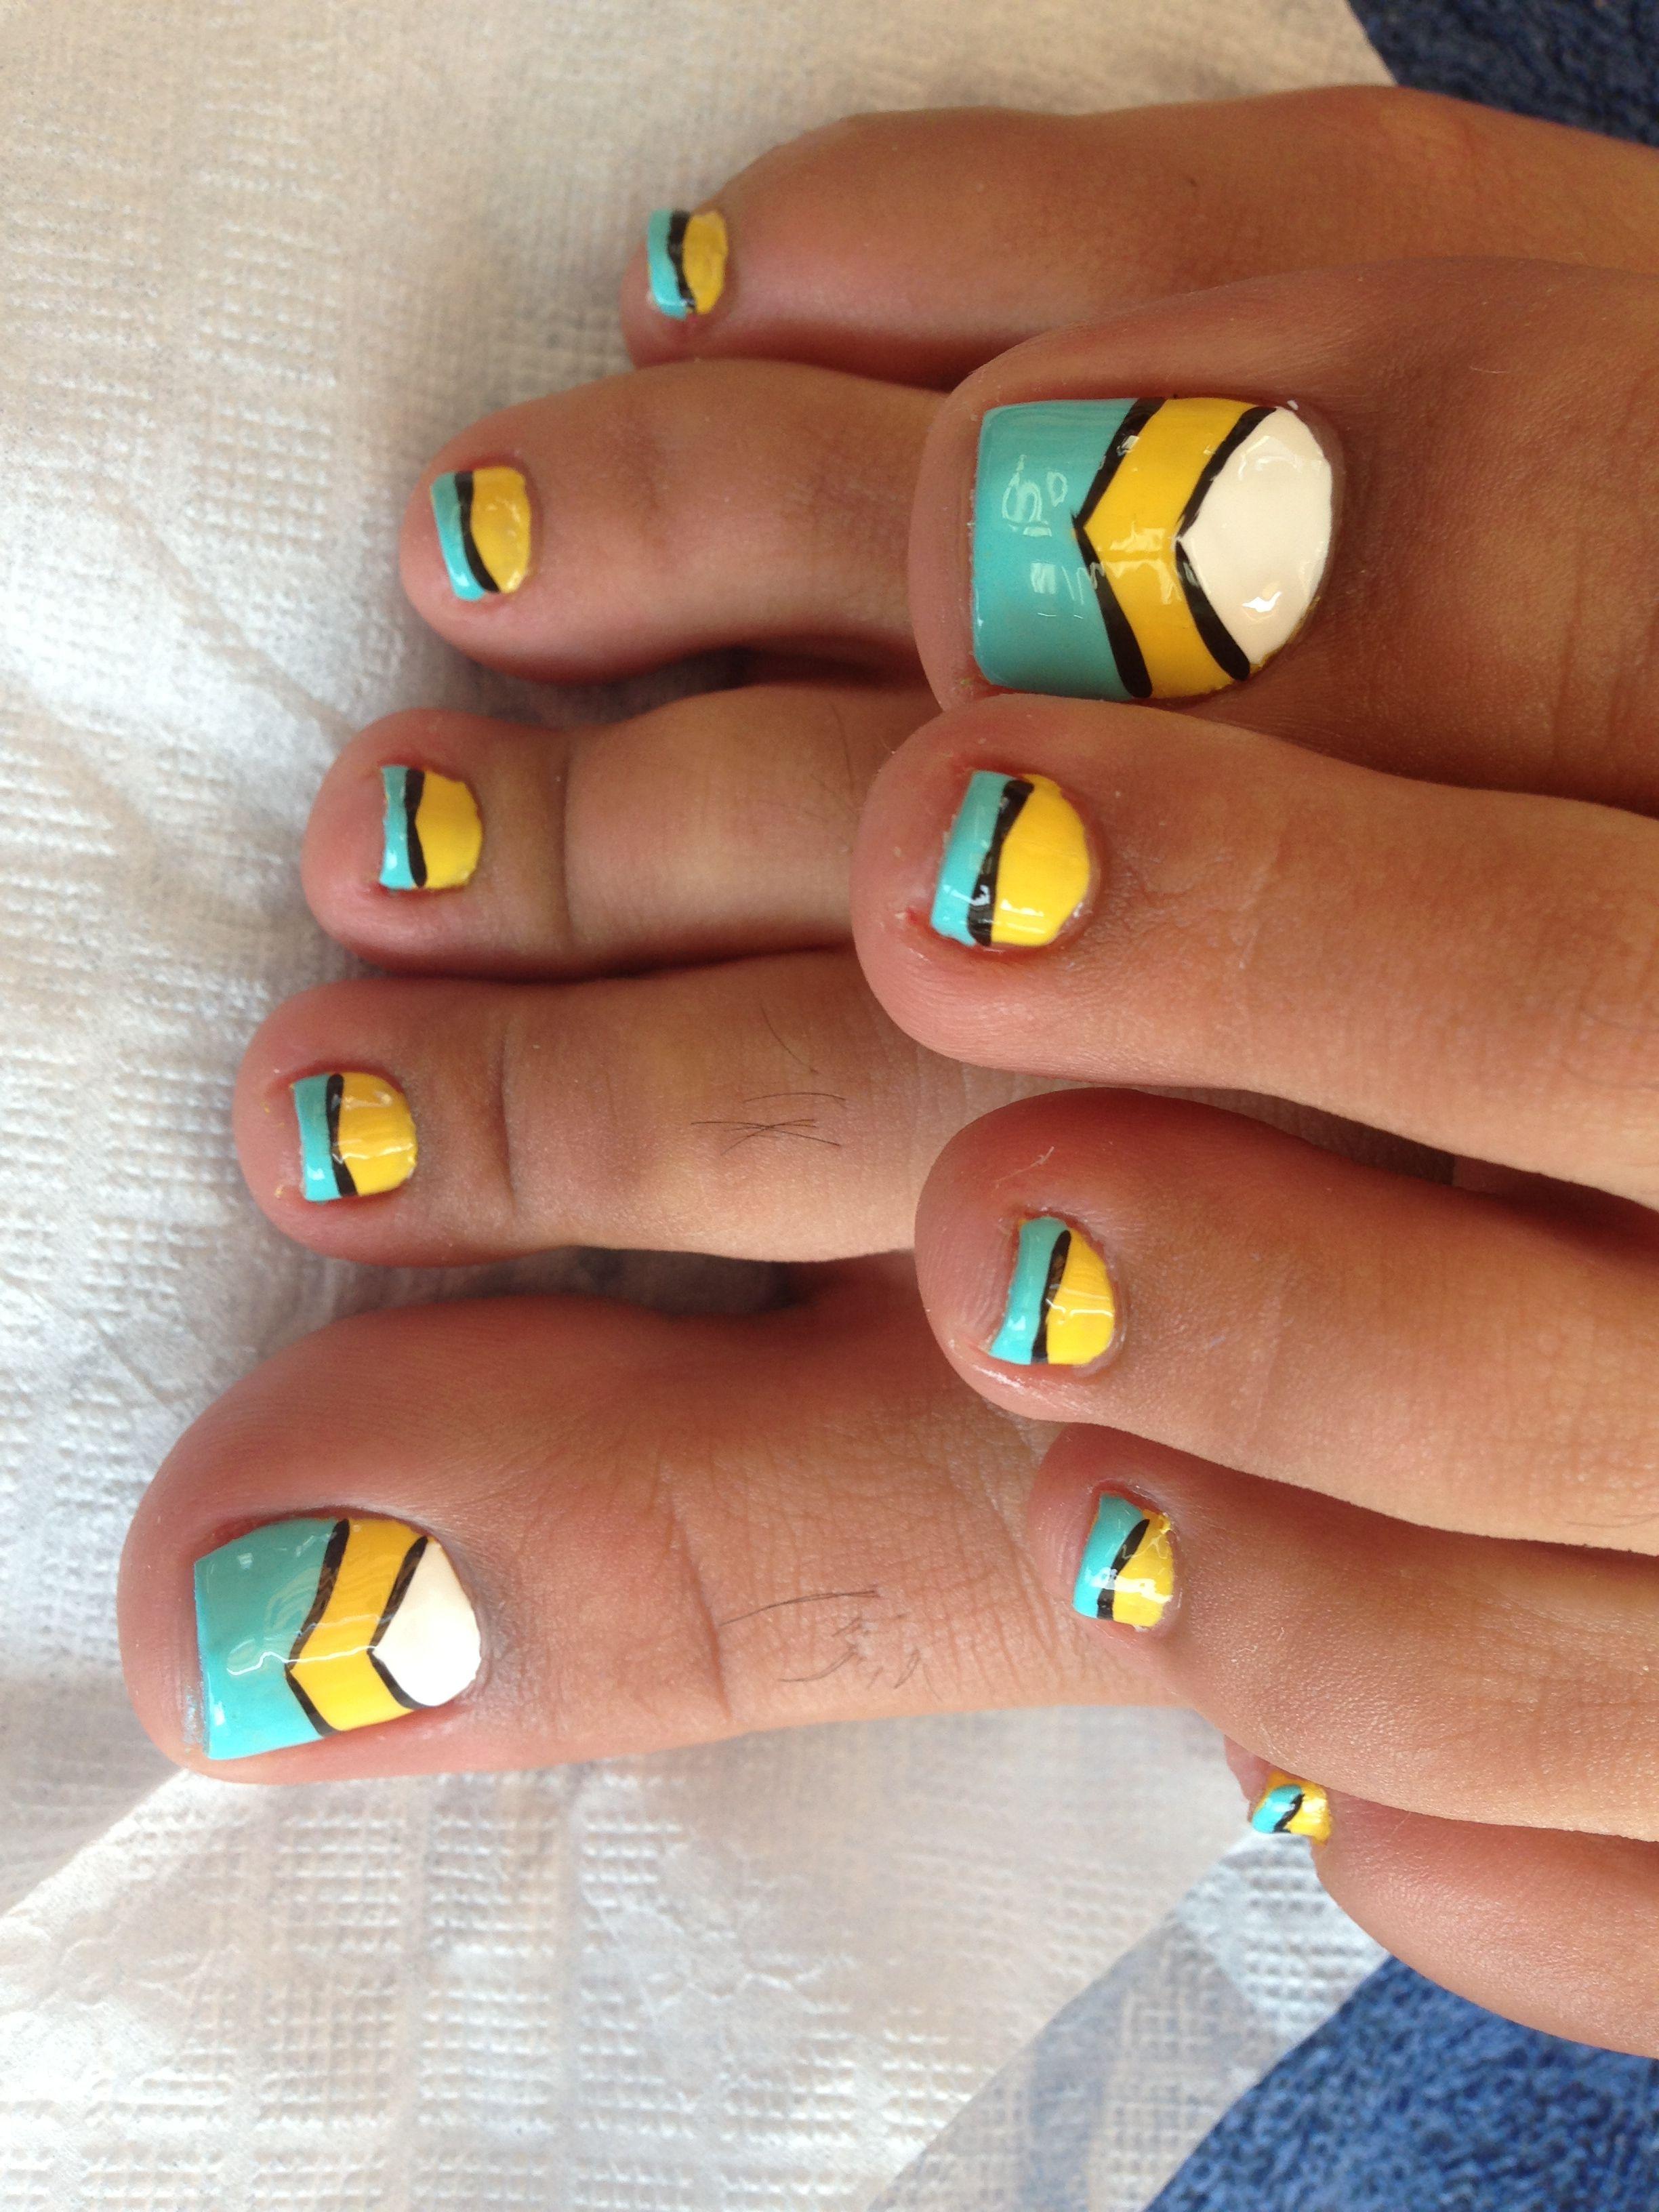 Pin By Kayla Killian On Hair Beauty Yellow Toe Nails Toe Nail Designs Pedicure Nail Art